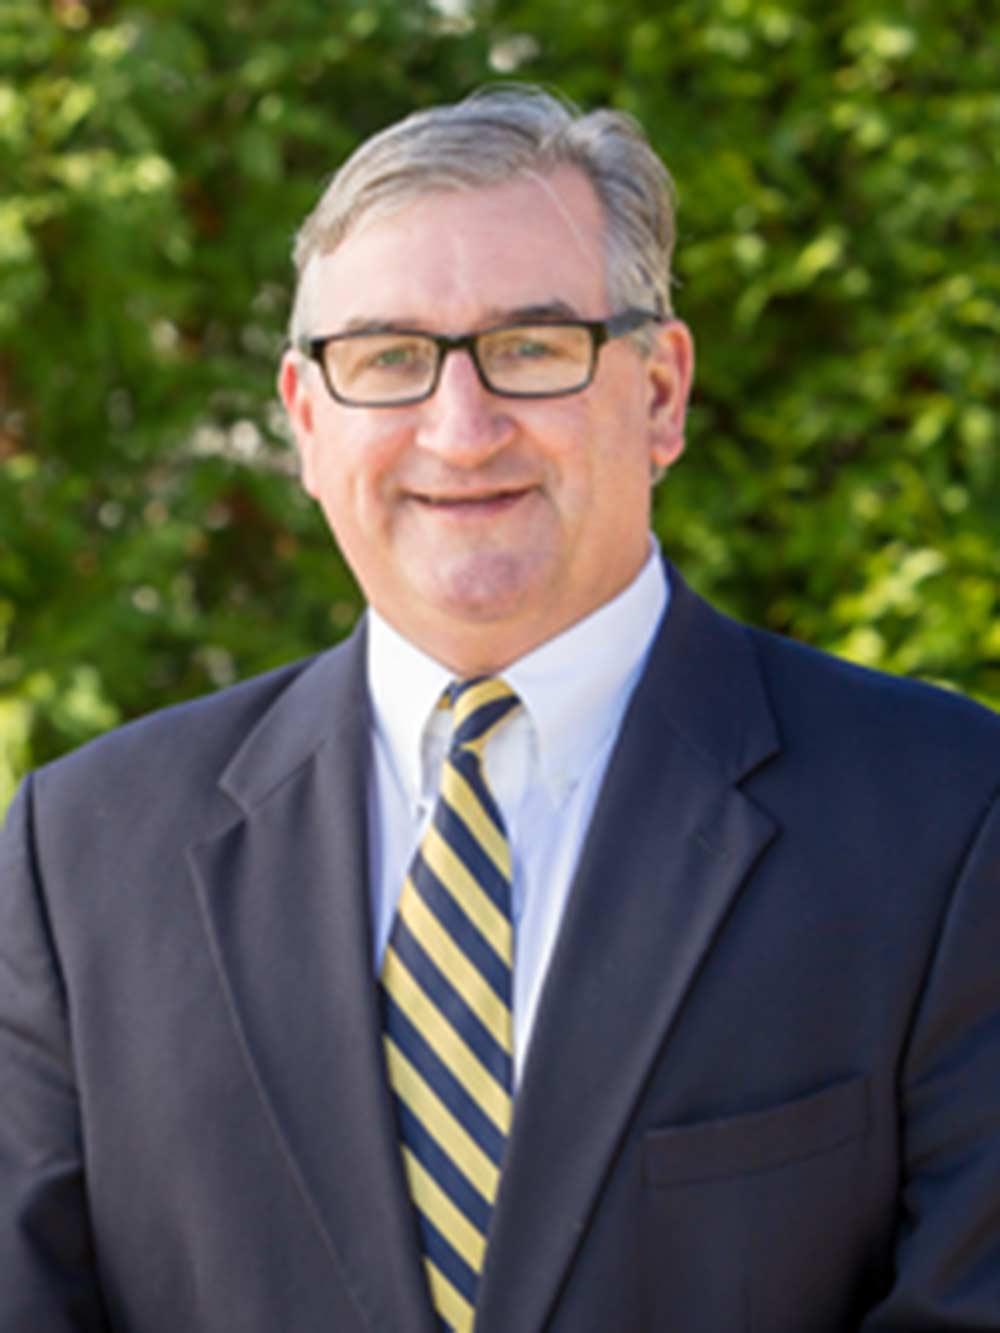 John T. Chandler